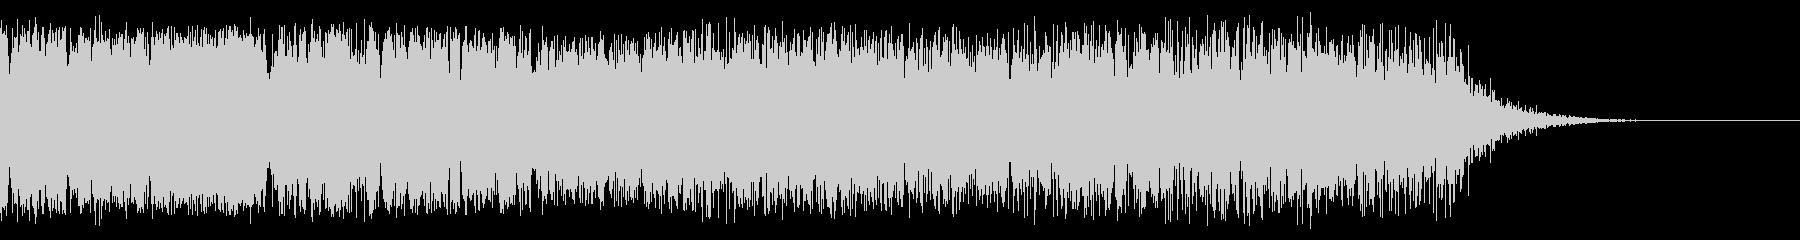 ロングハーシュザップの未再生の波形